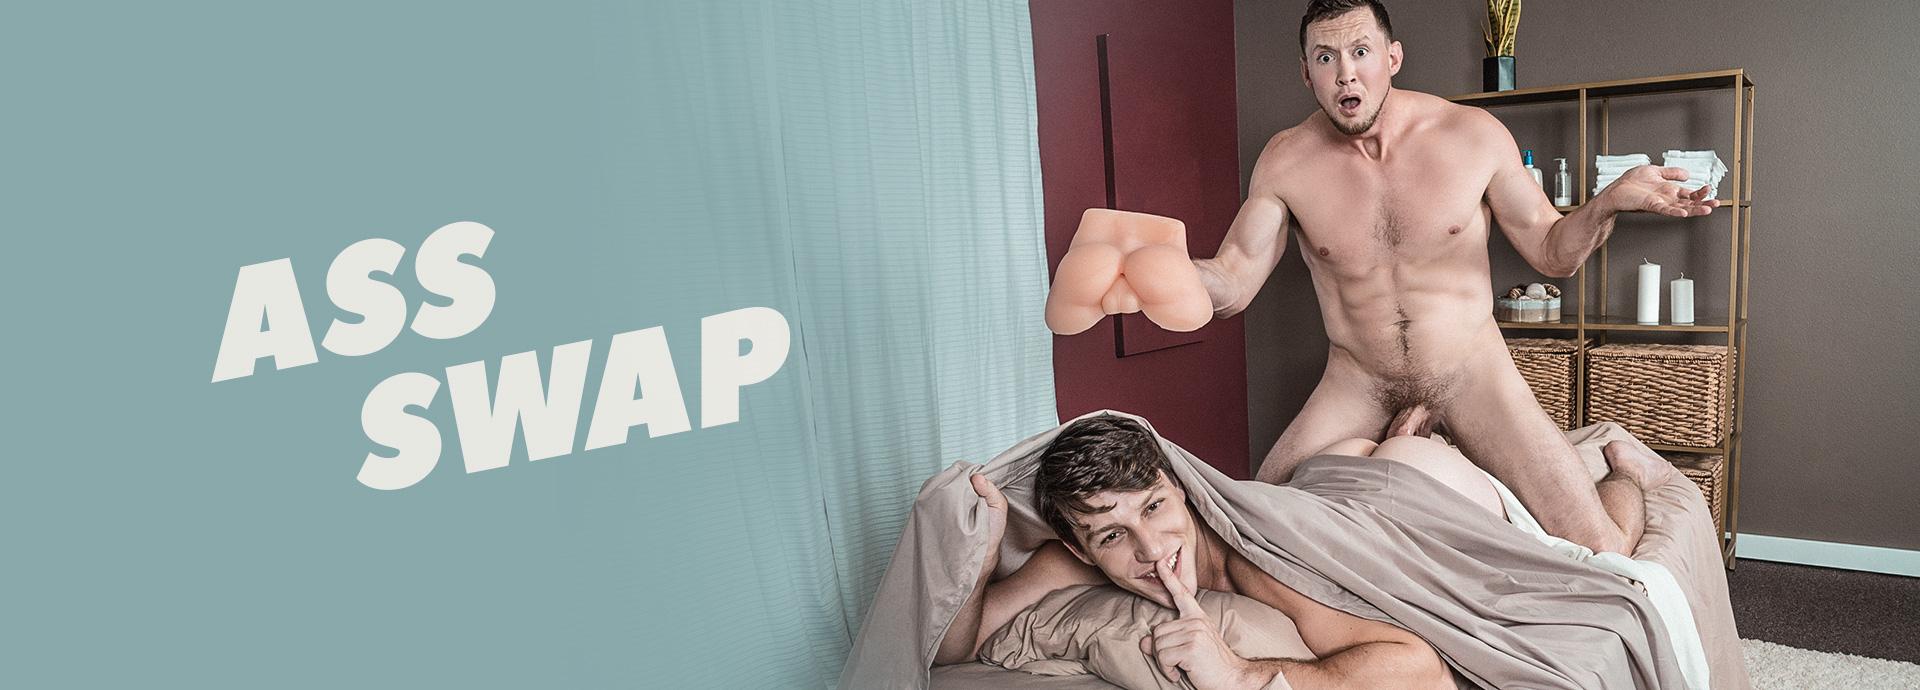 Ass Swap Part 3 (Bareback)